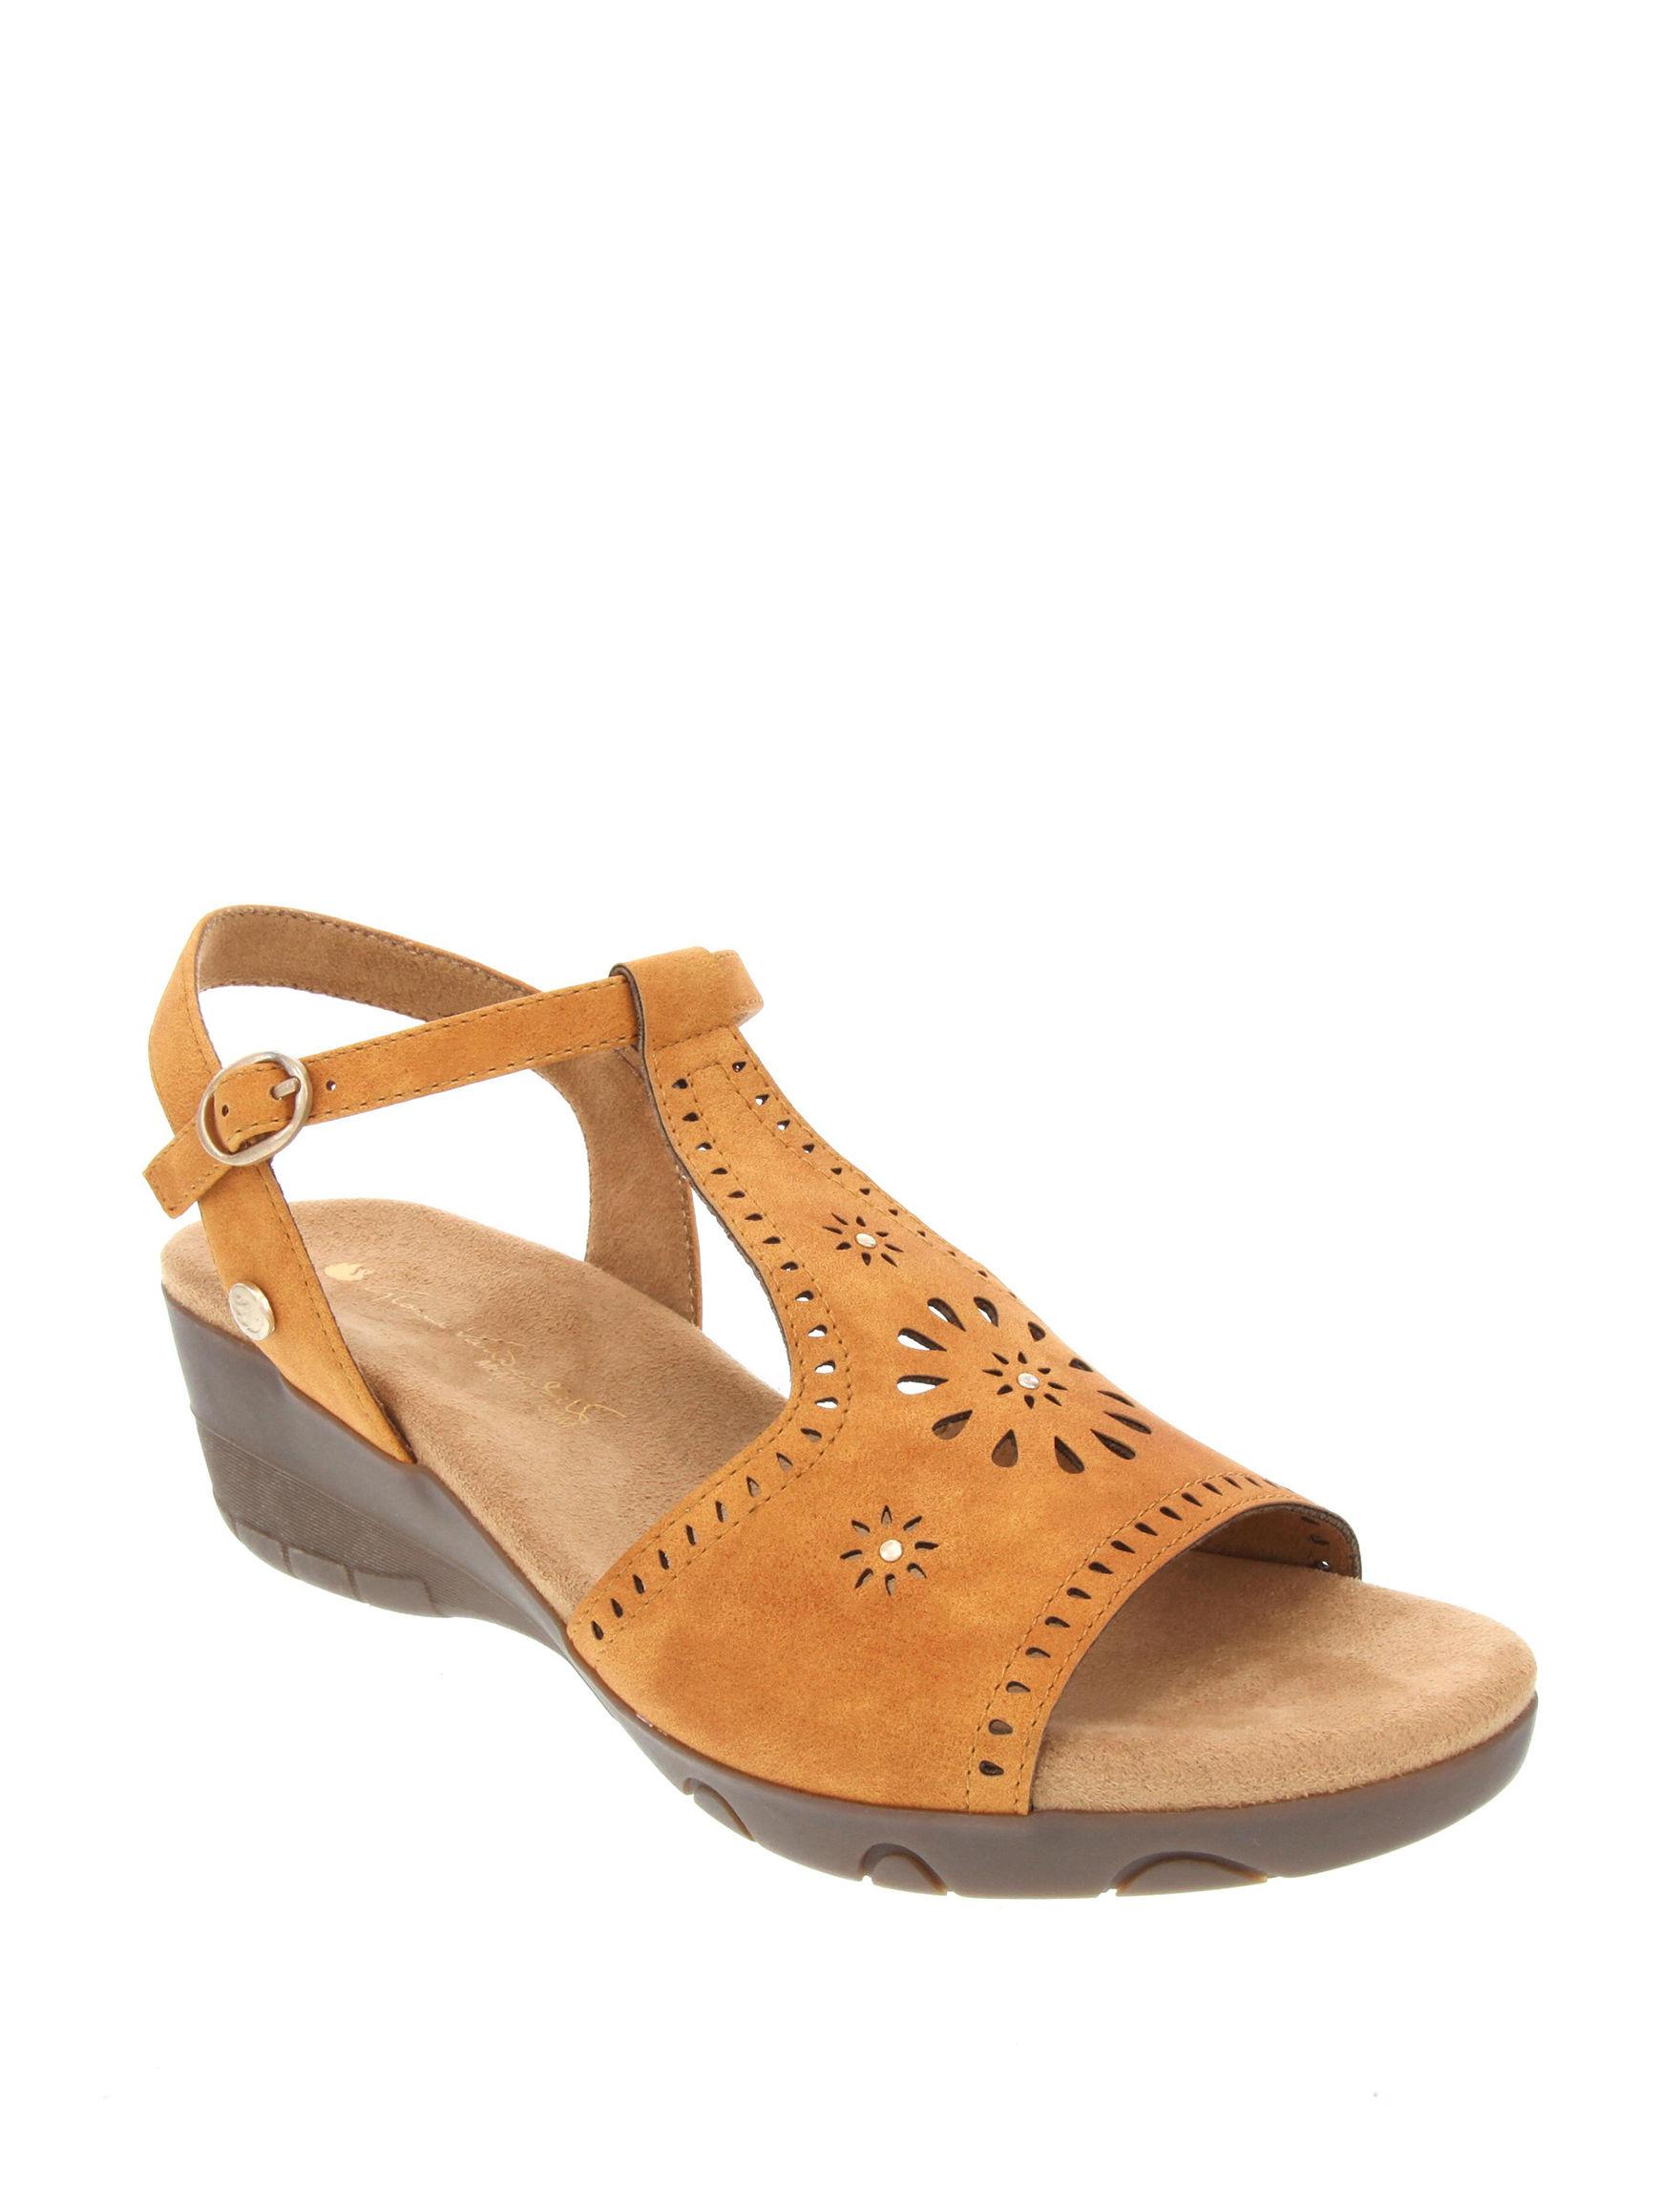 Gloria Vanderbilt Beige Wedge Sandals